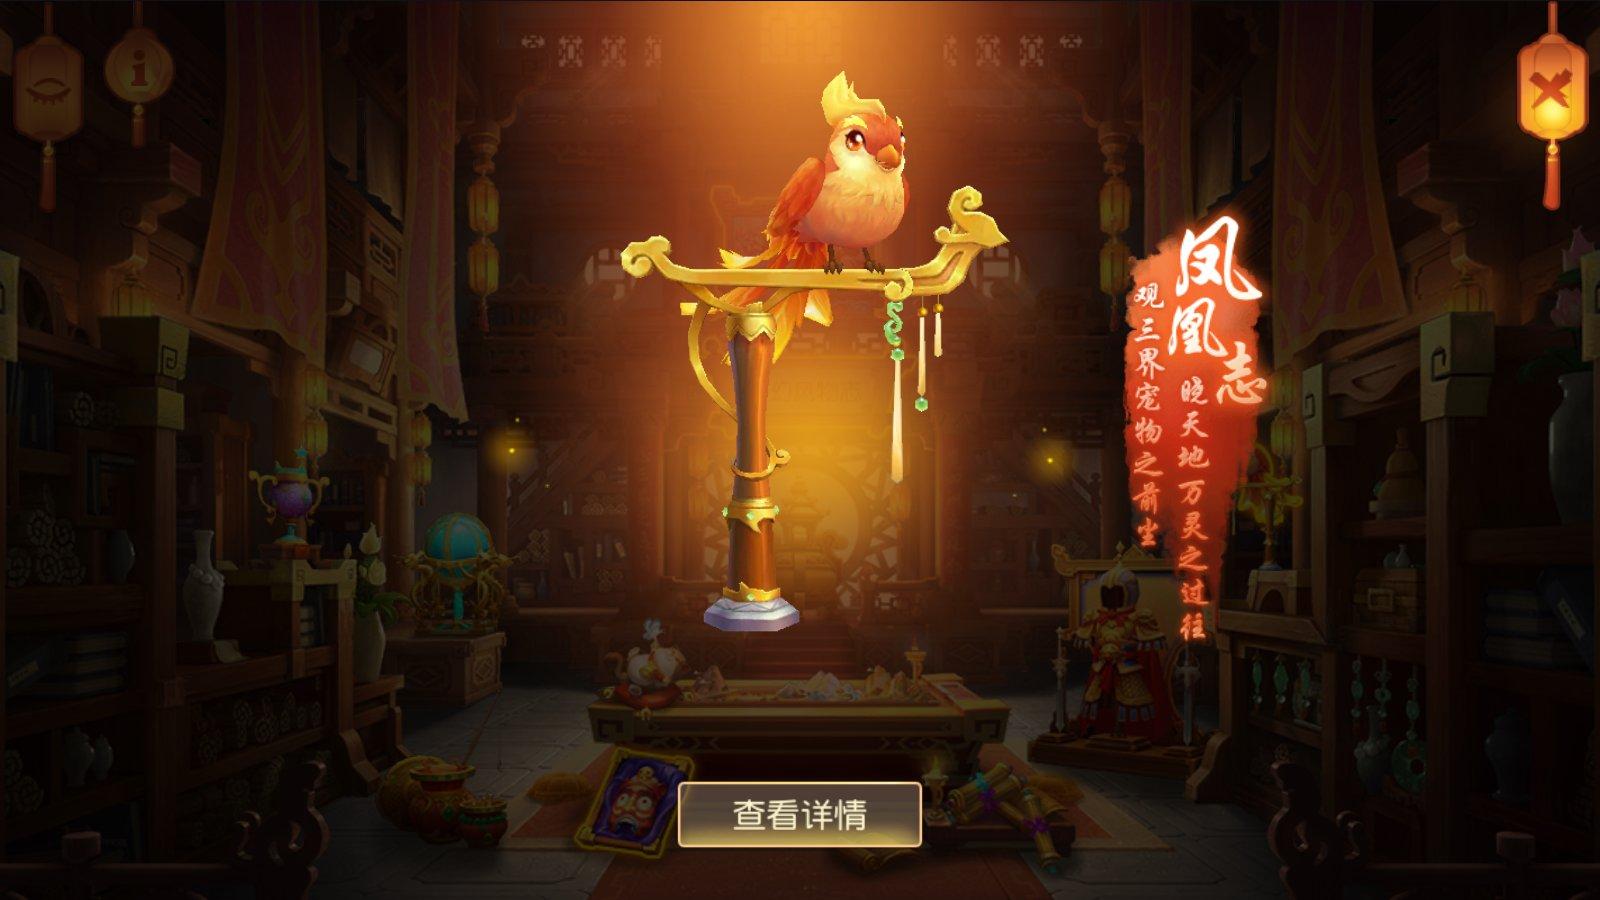 神兽提升 《梦幻西游》手游宠物专属内丹二期上线